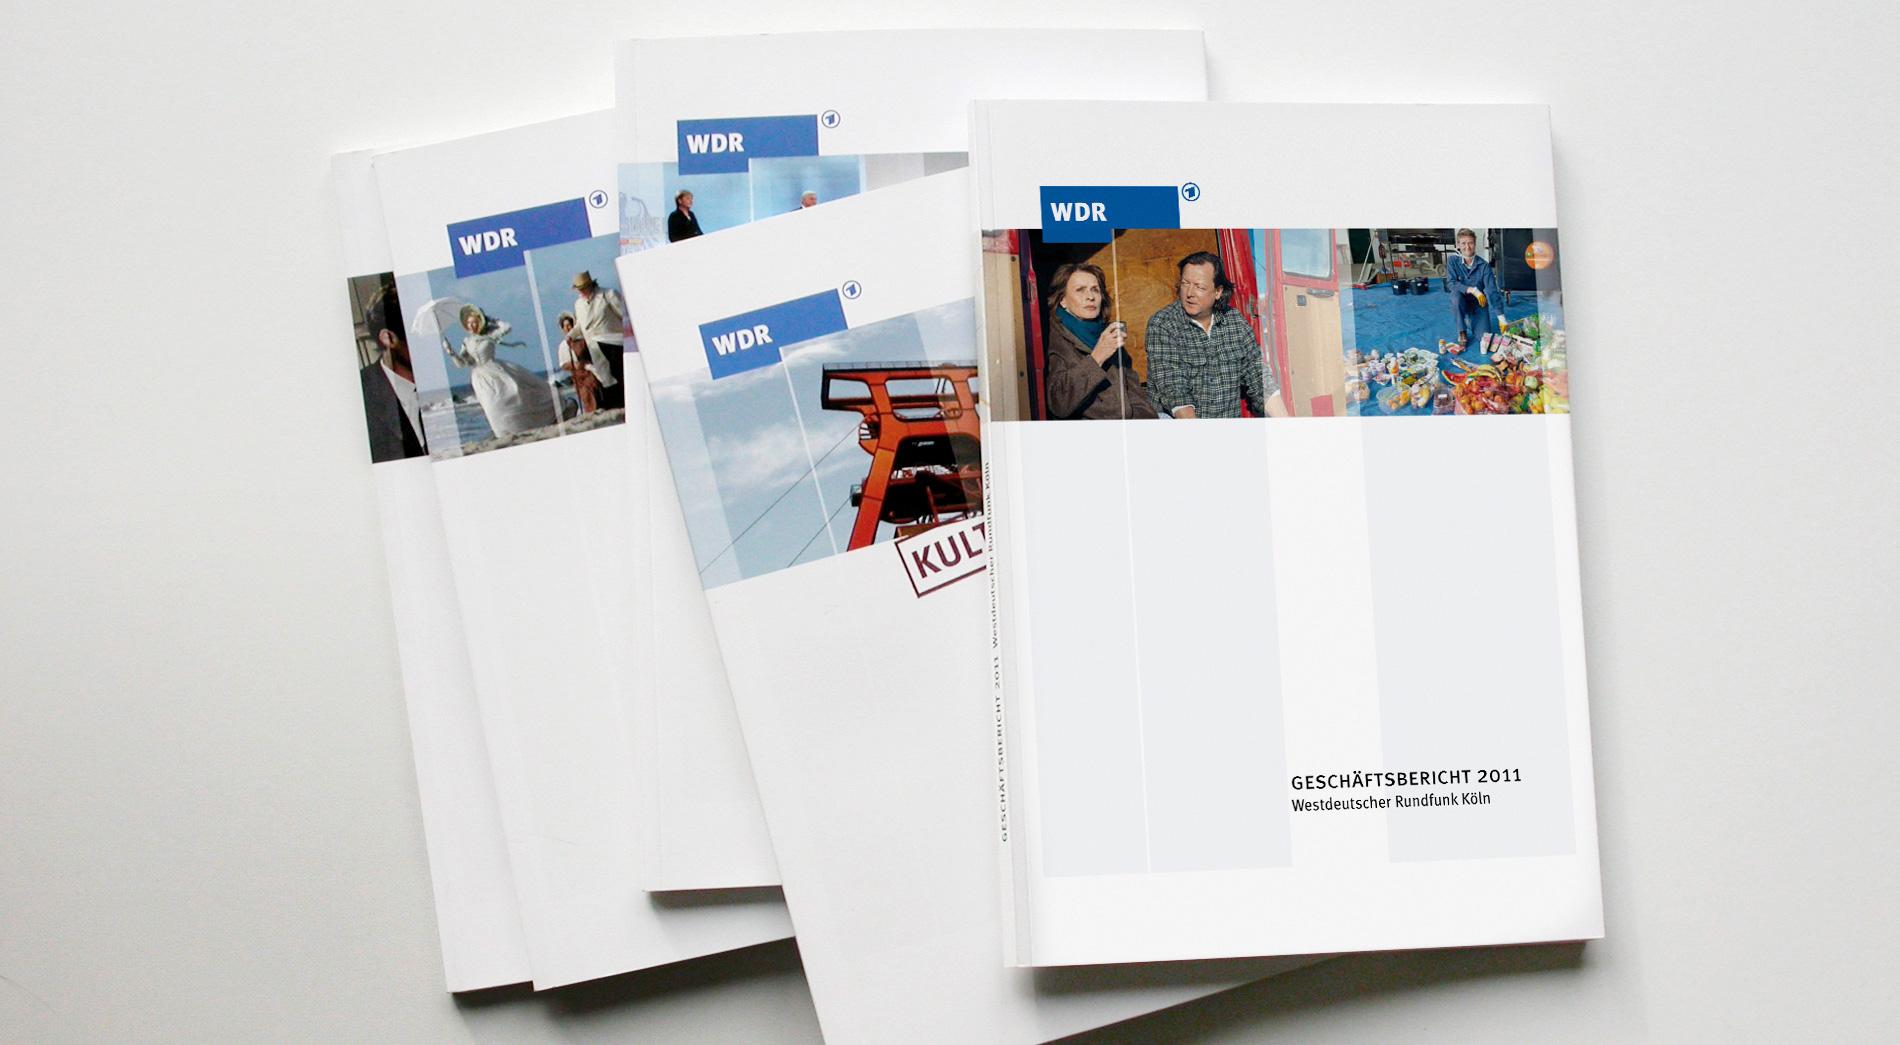 Titel der WDR Geschäftsberichte 2007 bis 2011